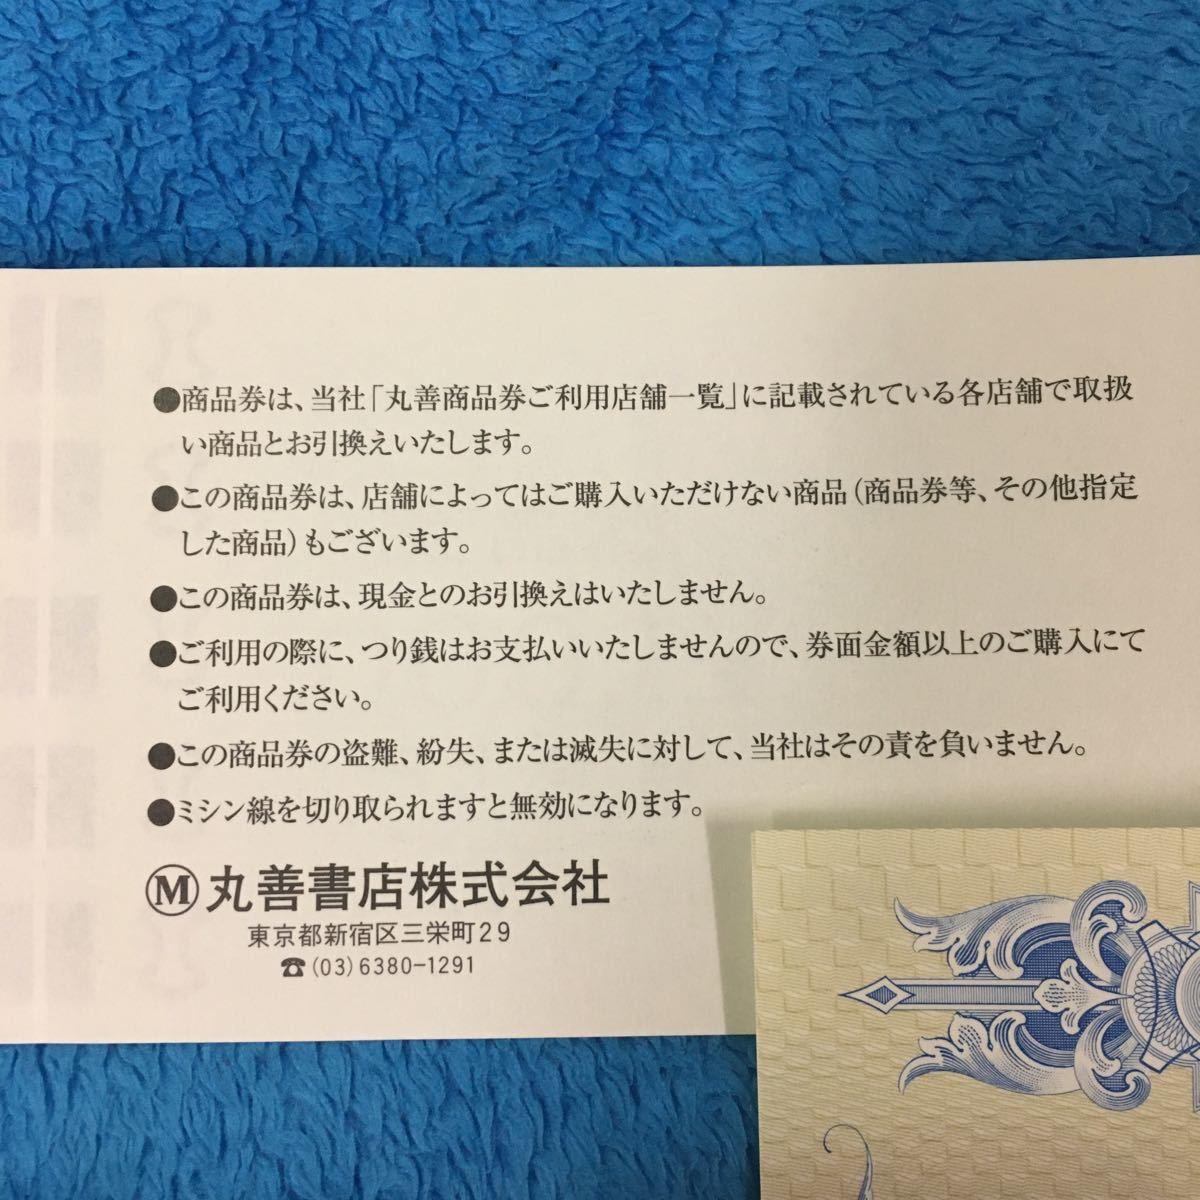 【最新】ジュンク堂書店 商品券 2000円分  有効期限無し   ミニレター対応63円 株主優待券  丸善 MARUZEN_画像2